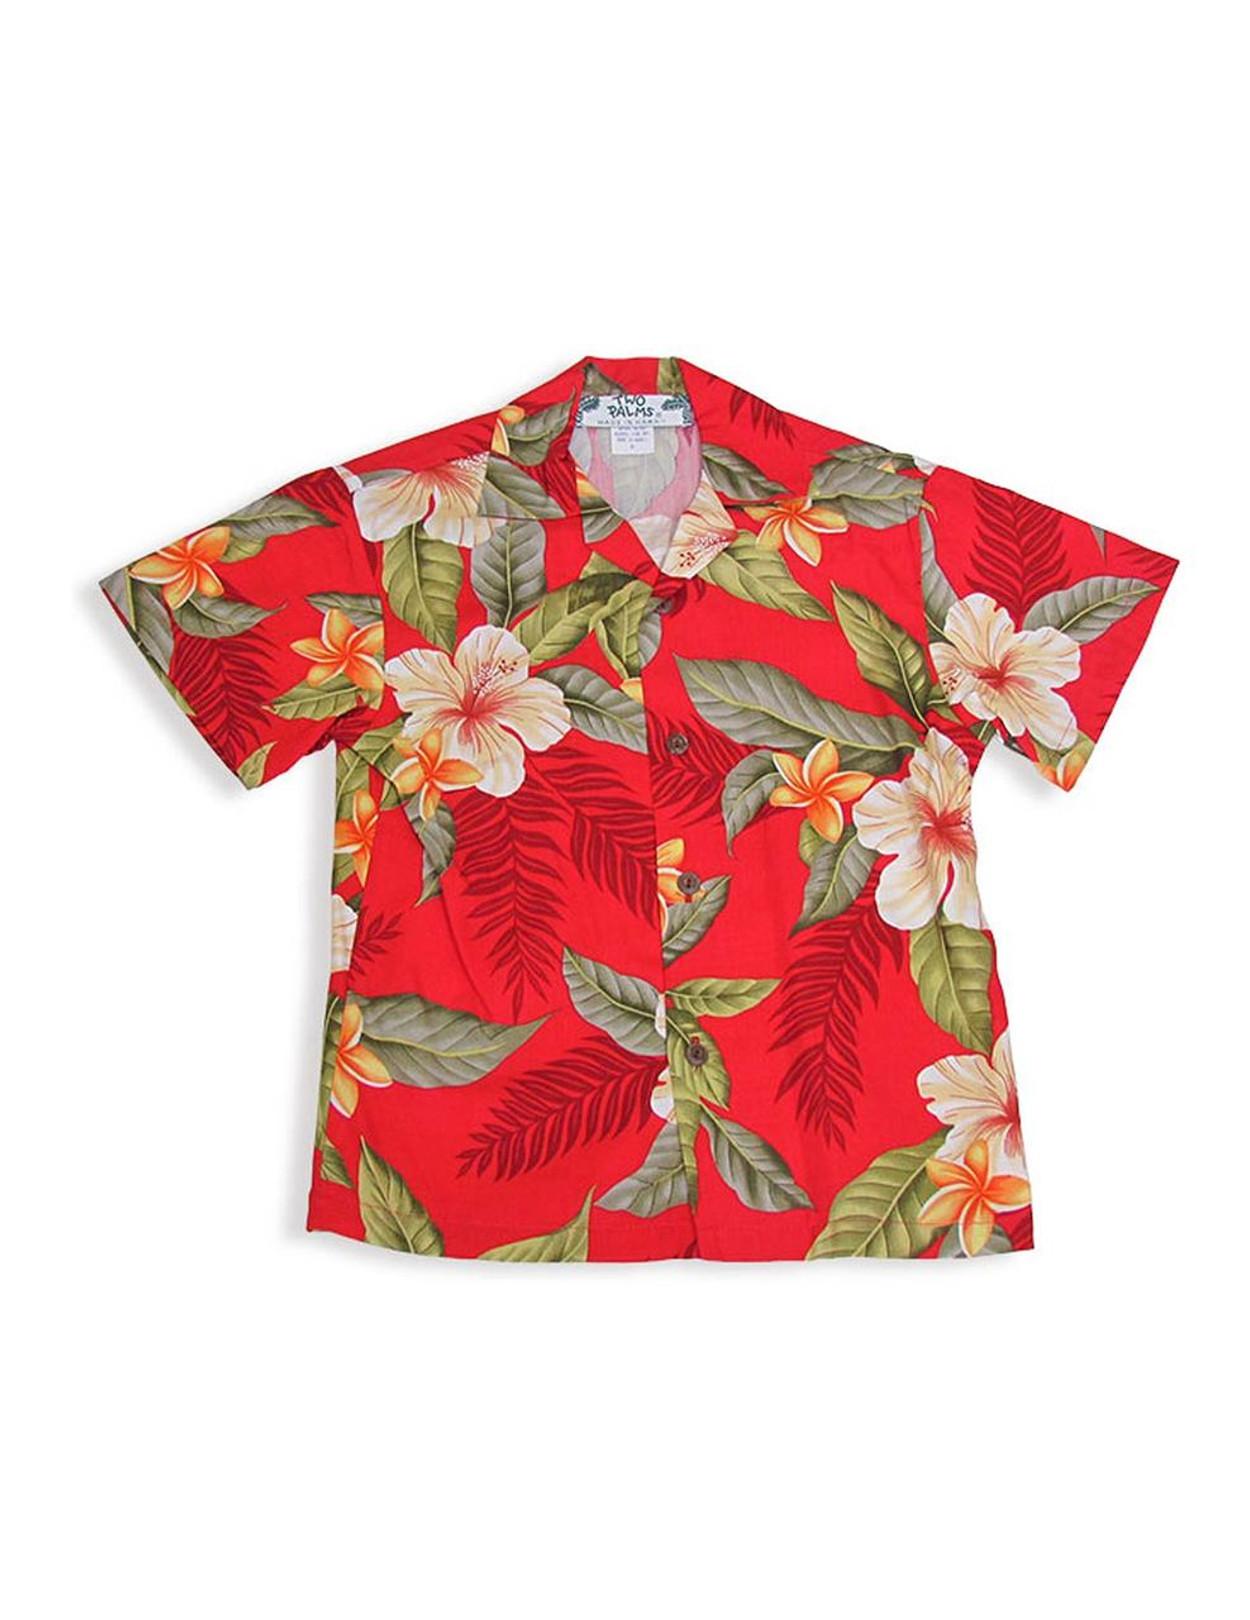 7ba3a8c90b Boy Hawaiian Shirt Ula Ula Hibiscus Red